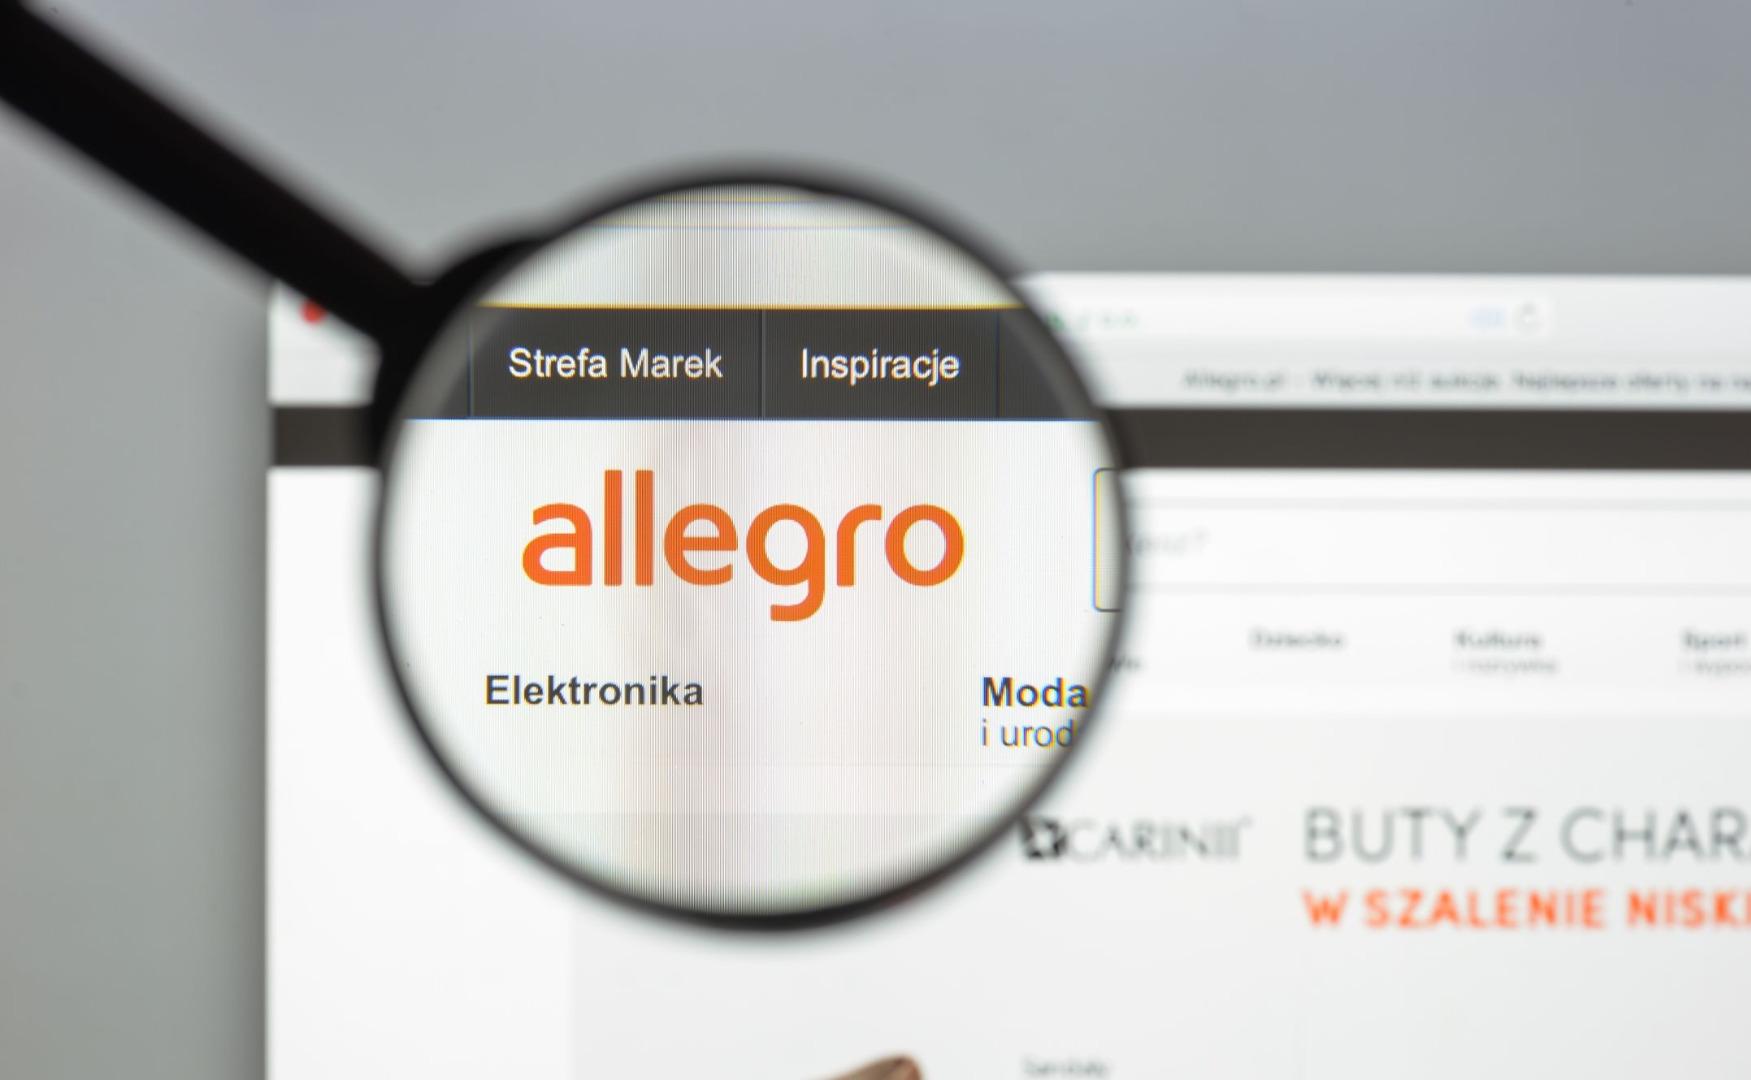 Allegro Z Parkietu Zbierze Miliardy Gieldowy Debiut Moze Pobic Rekordy Dziennik Pl